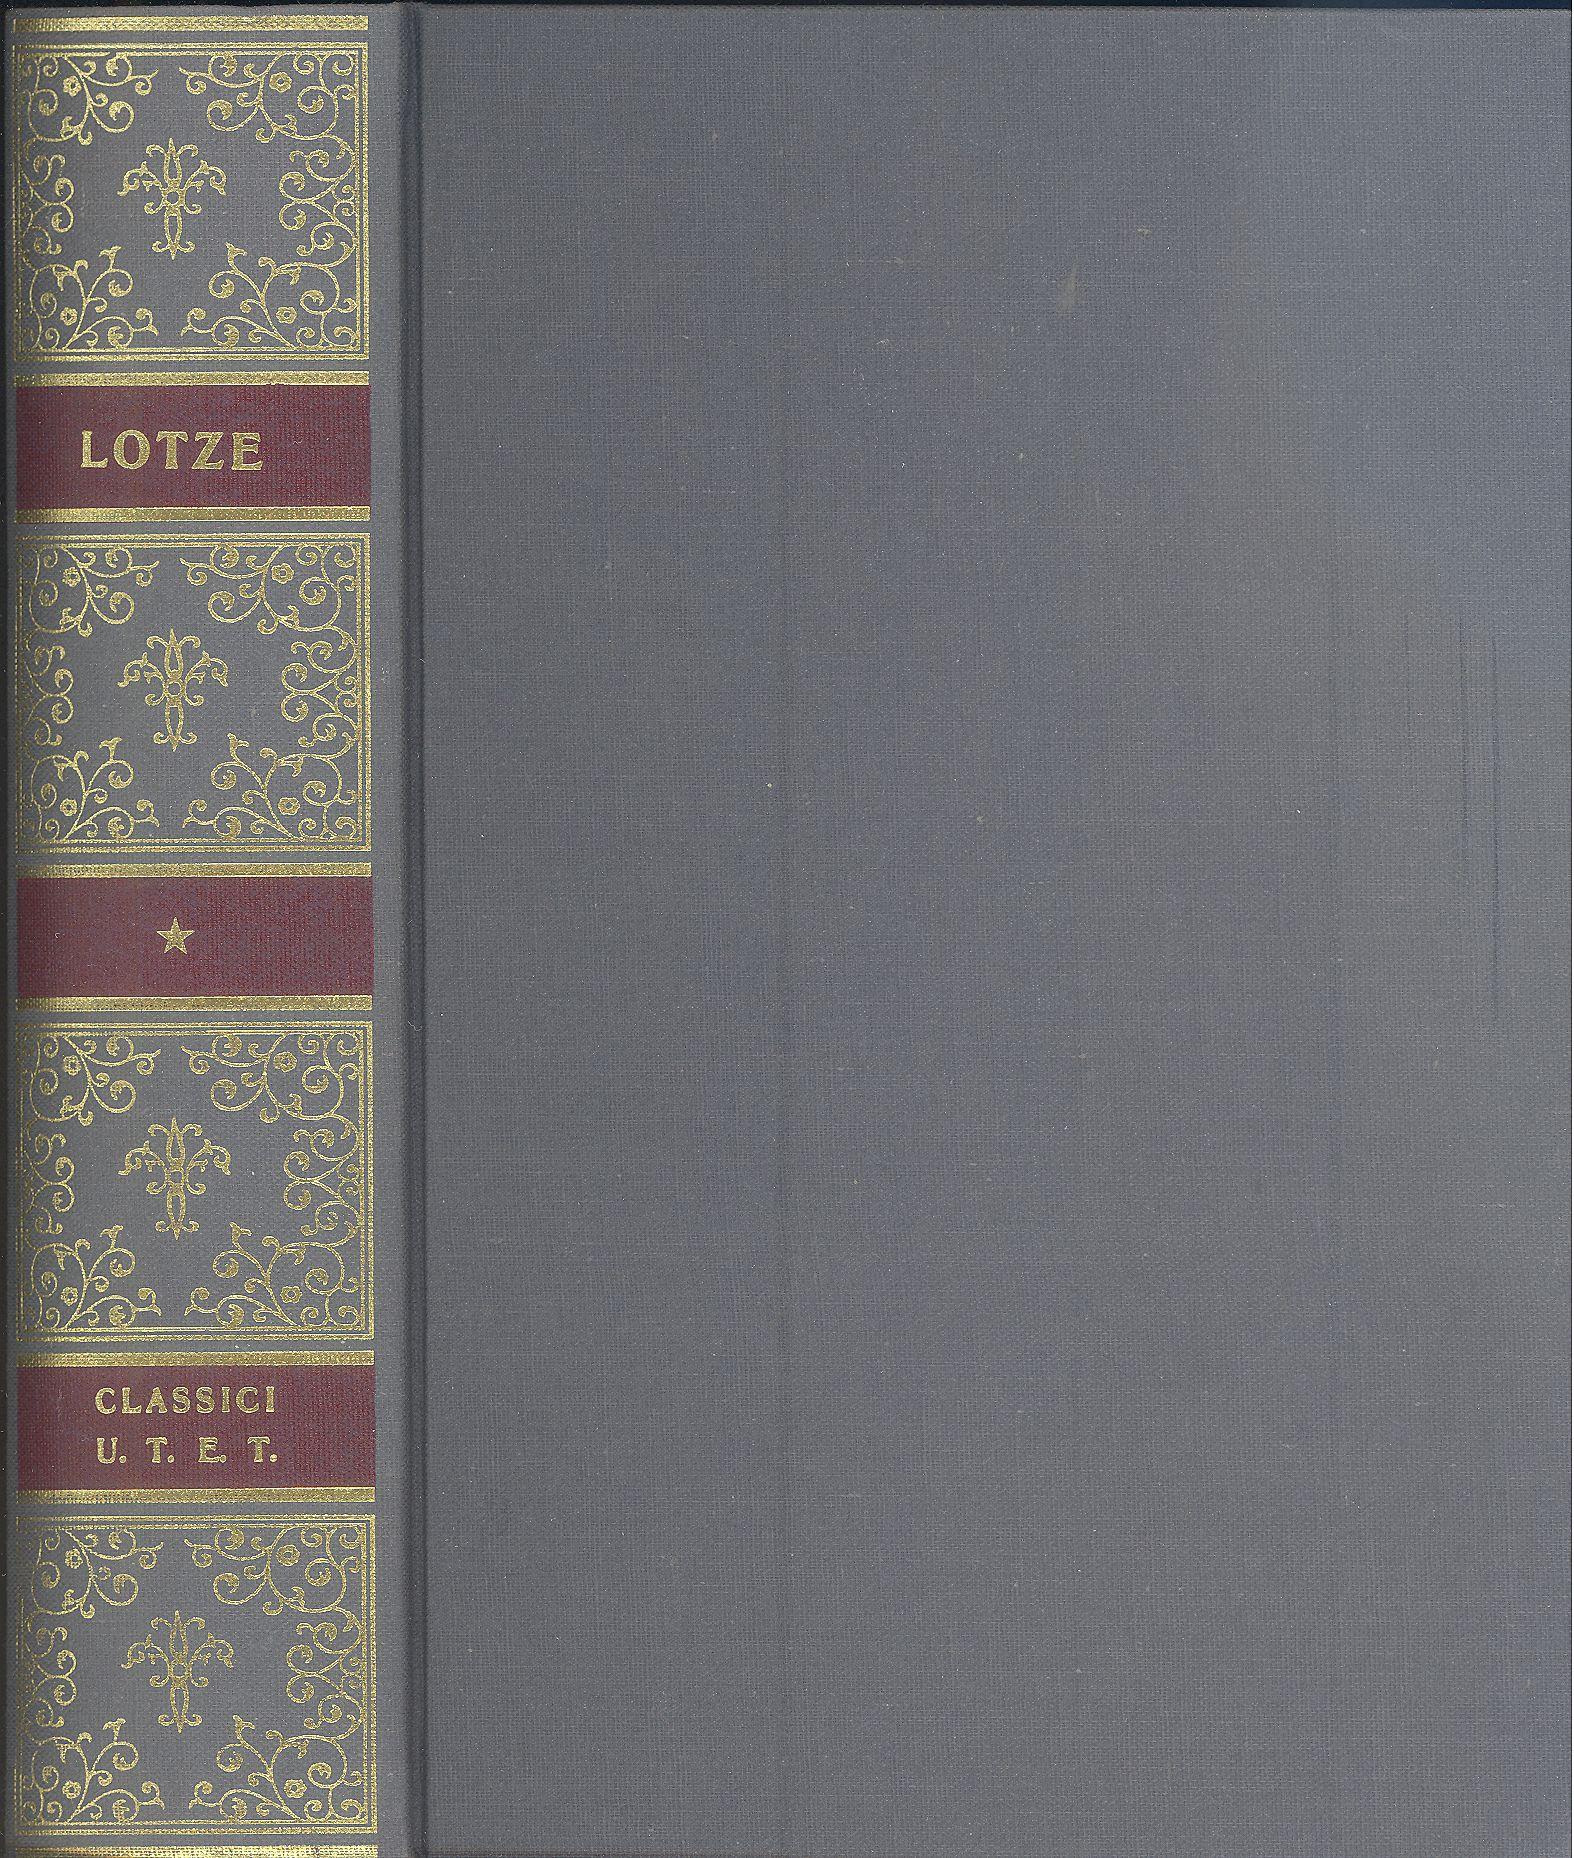 LOTZE-Hermann-Microcosmo-UTET-classici-della-filosofia-1988